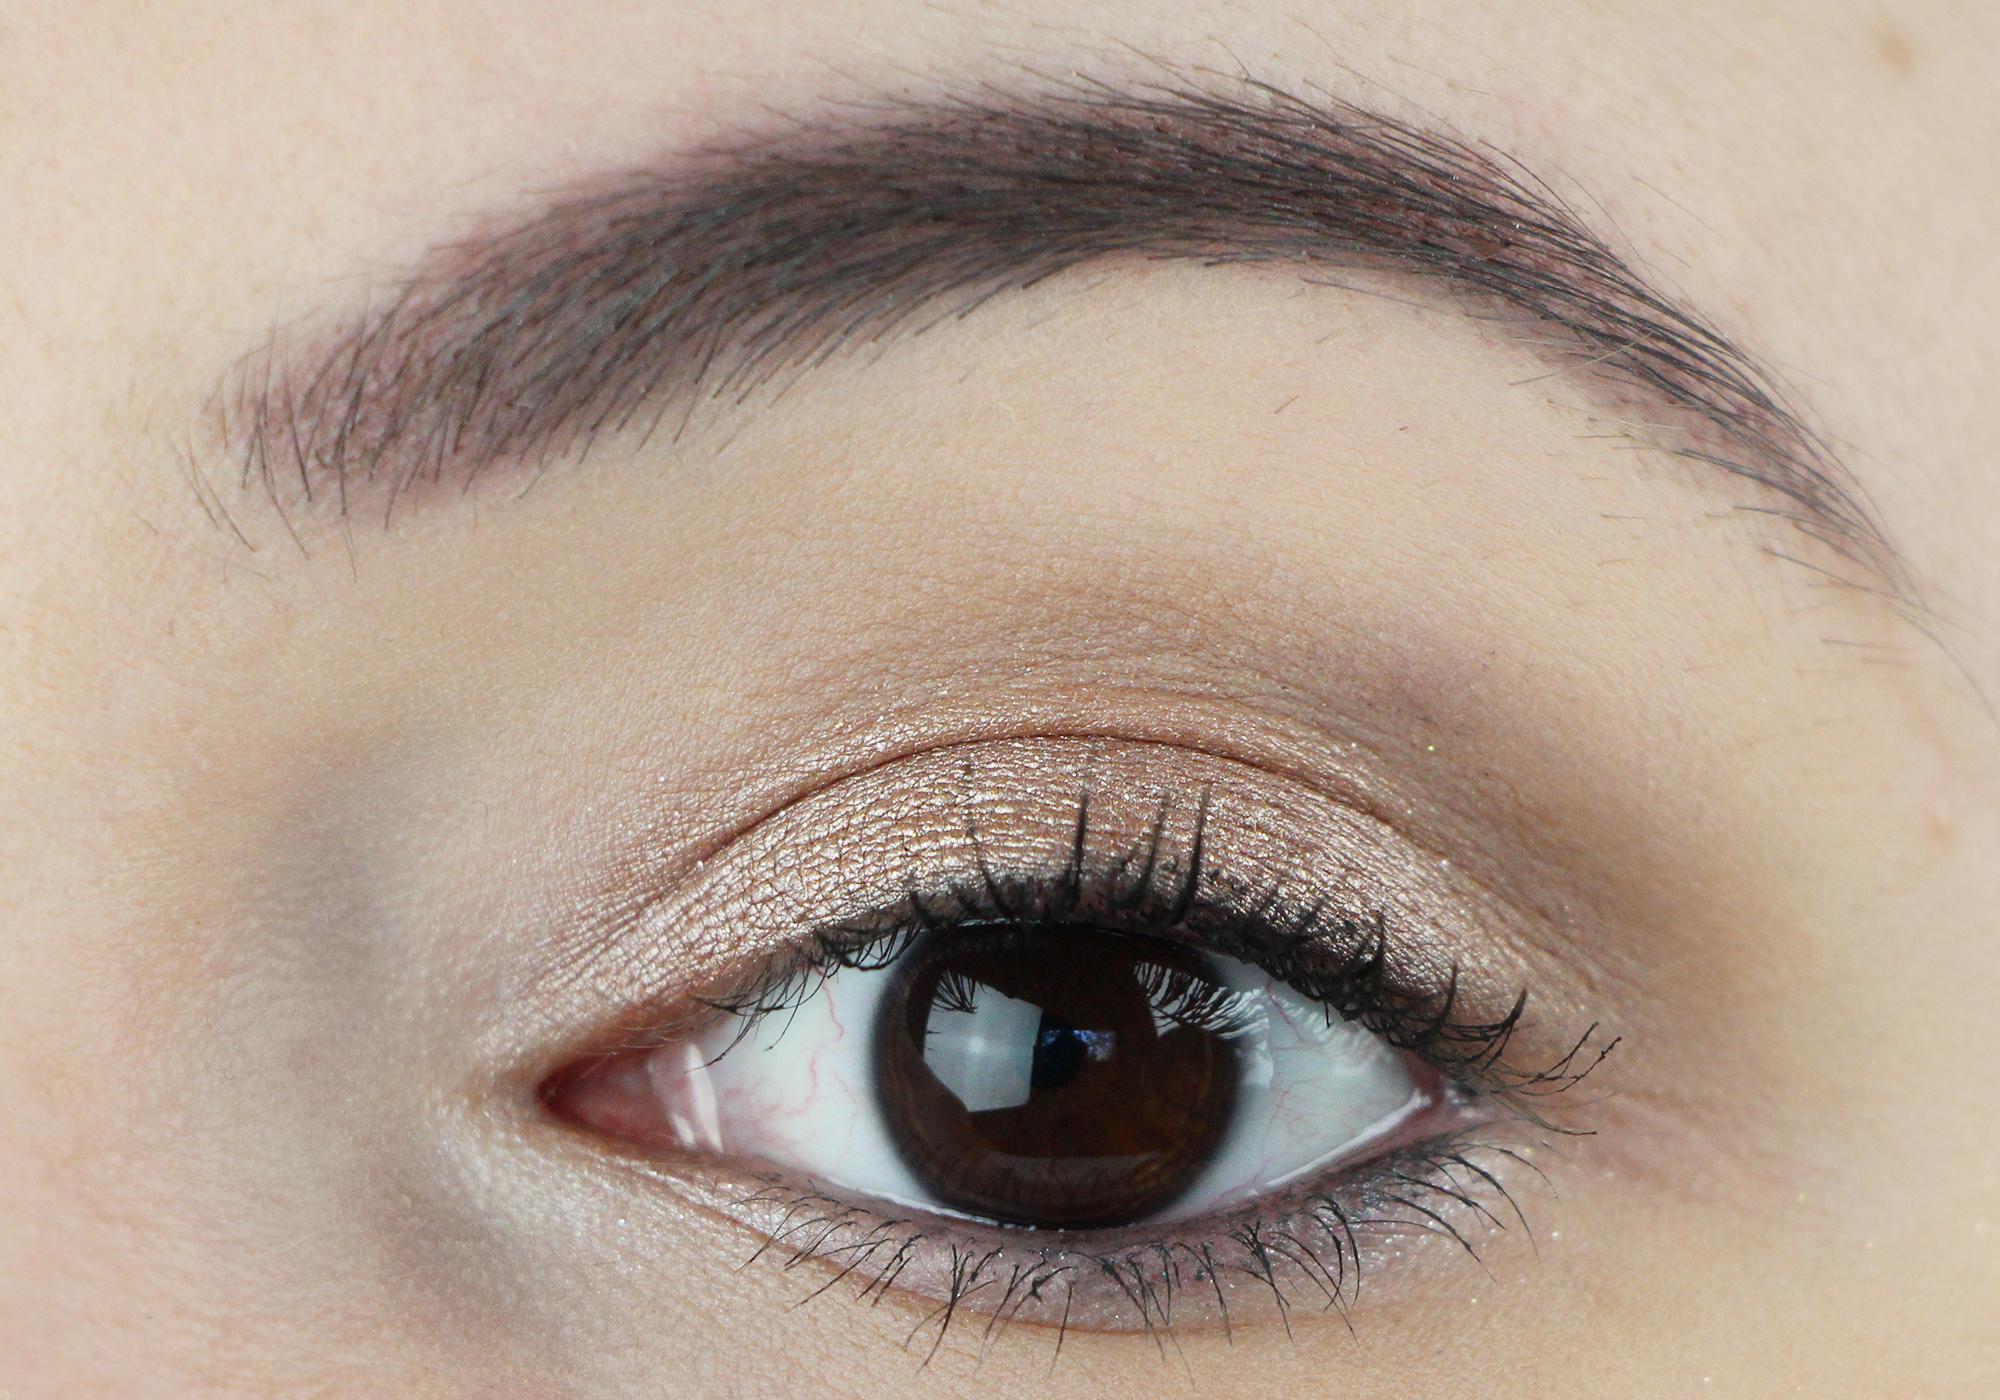 Kendall jenner makeup tutorial celebrity doppelgnger collab video kendall jenner makeup tutorial celebrity doppelganger tutorial 2 baditri Images